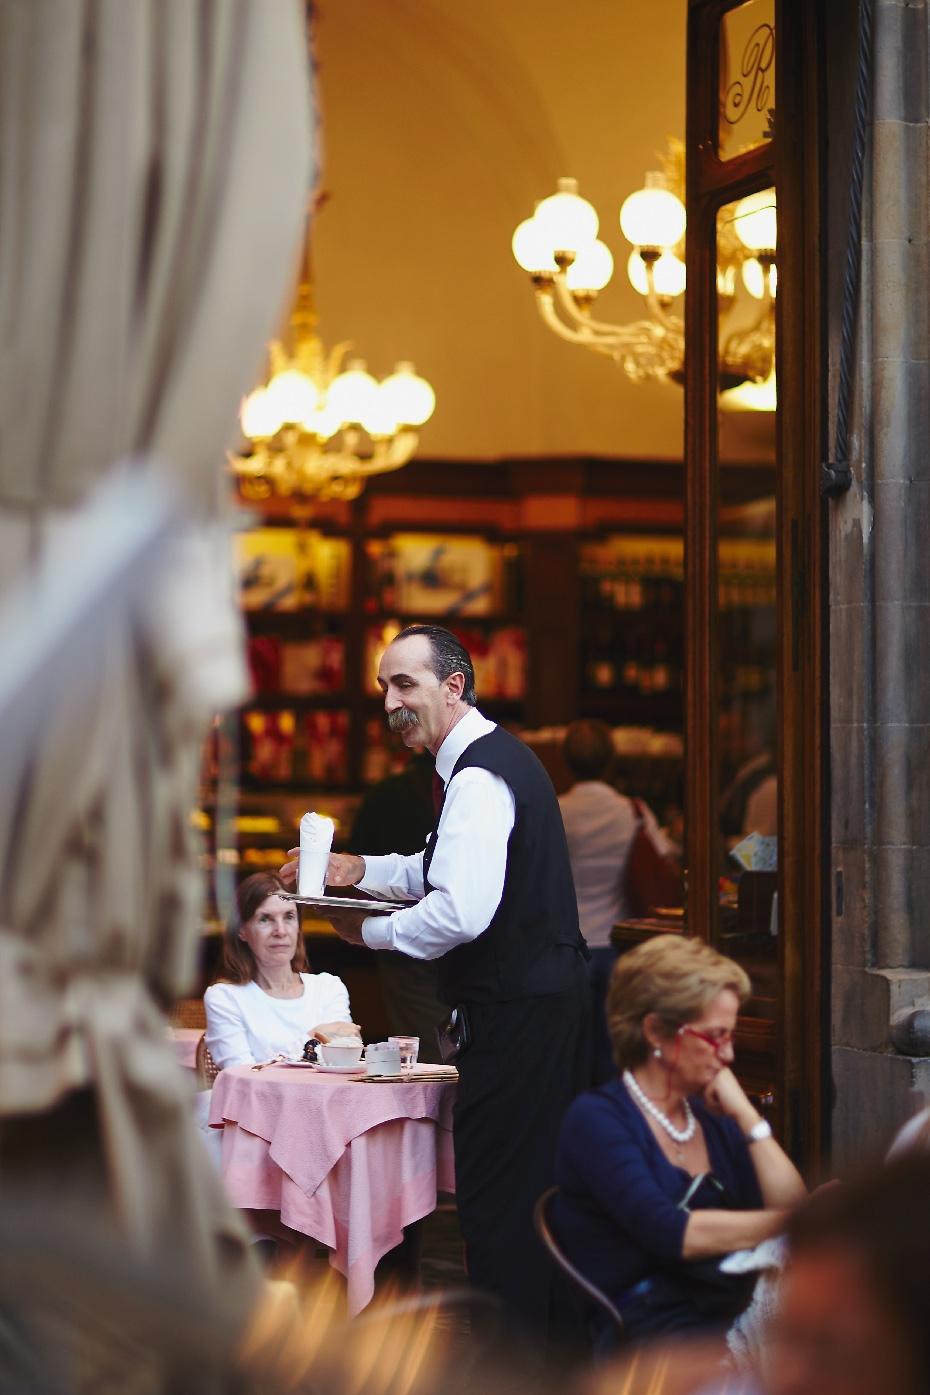 0016_0011_M_2012_Italia_1007f_CM_WEB.jpg